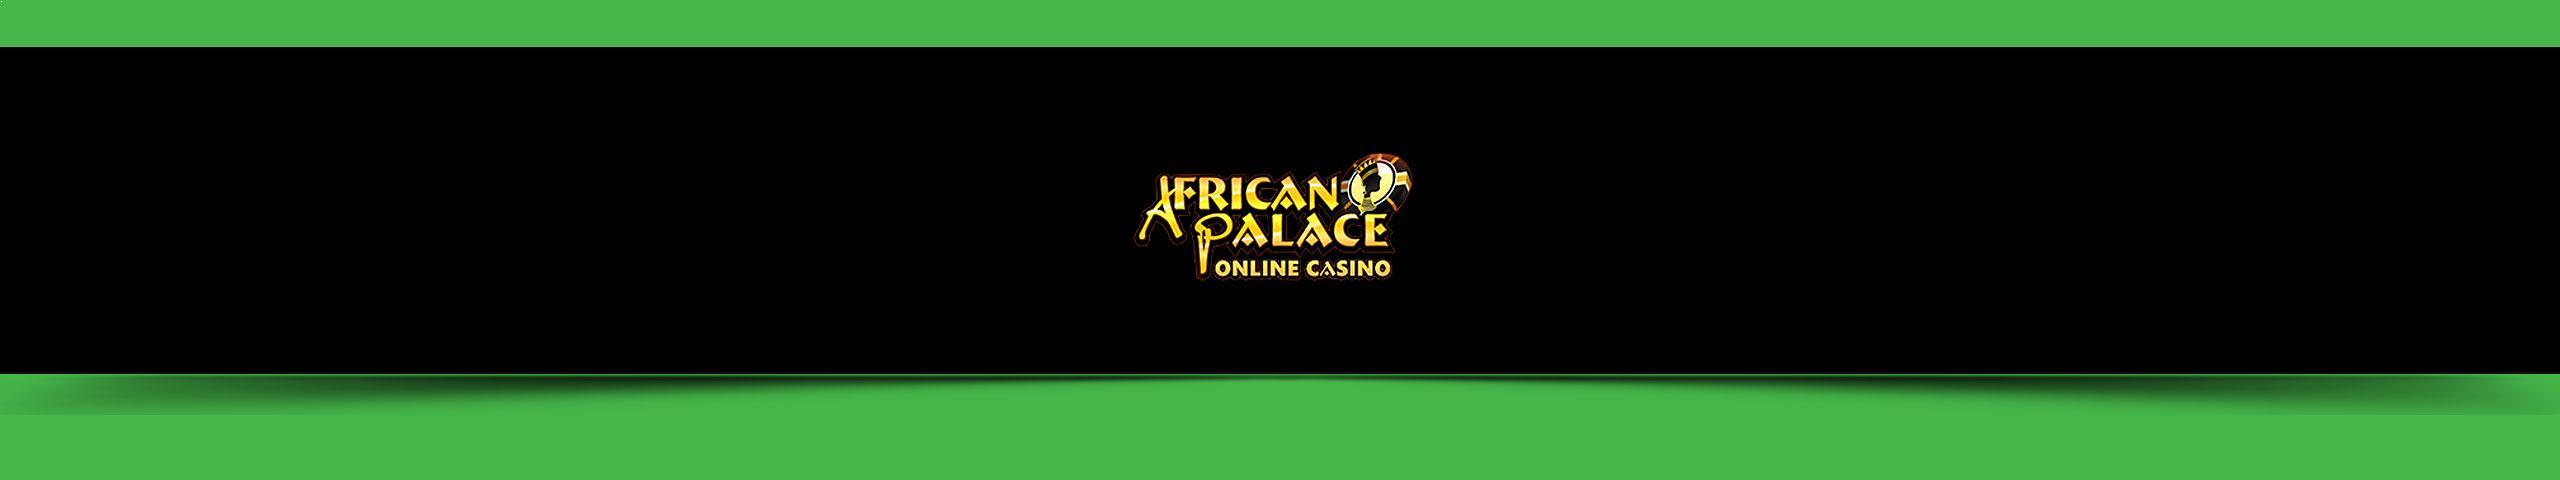 Vizualizarea Cazinoului African Palace - Multabafta.com Slider